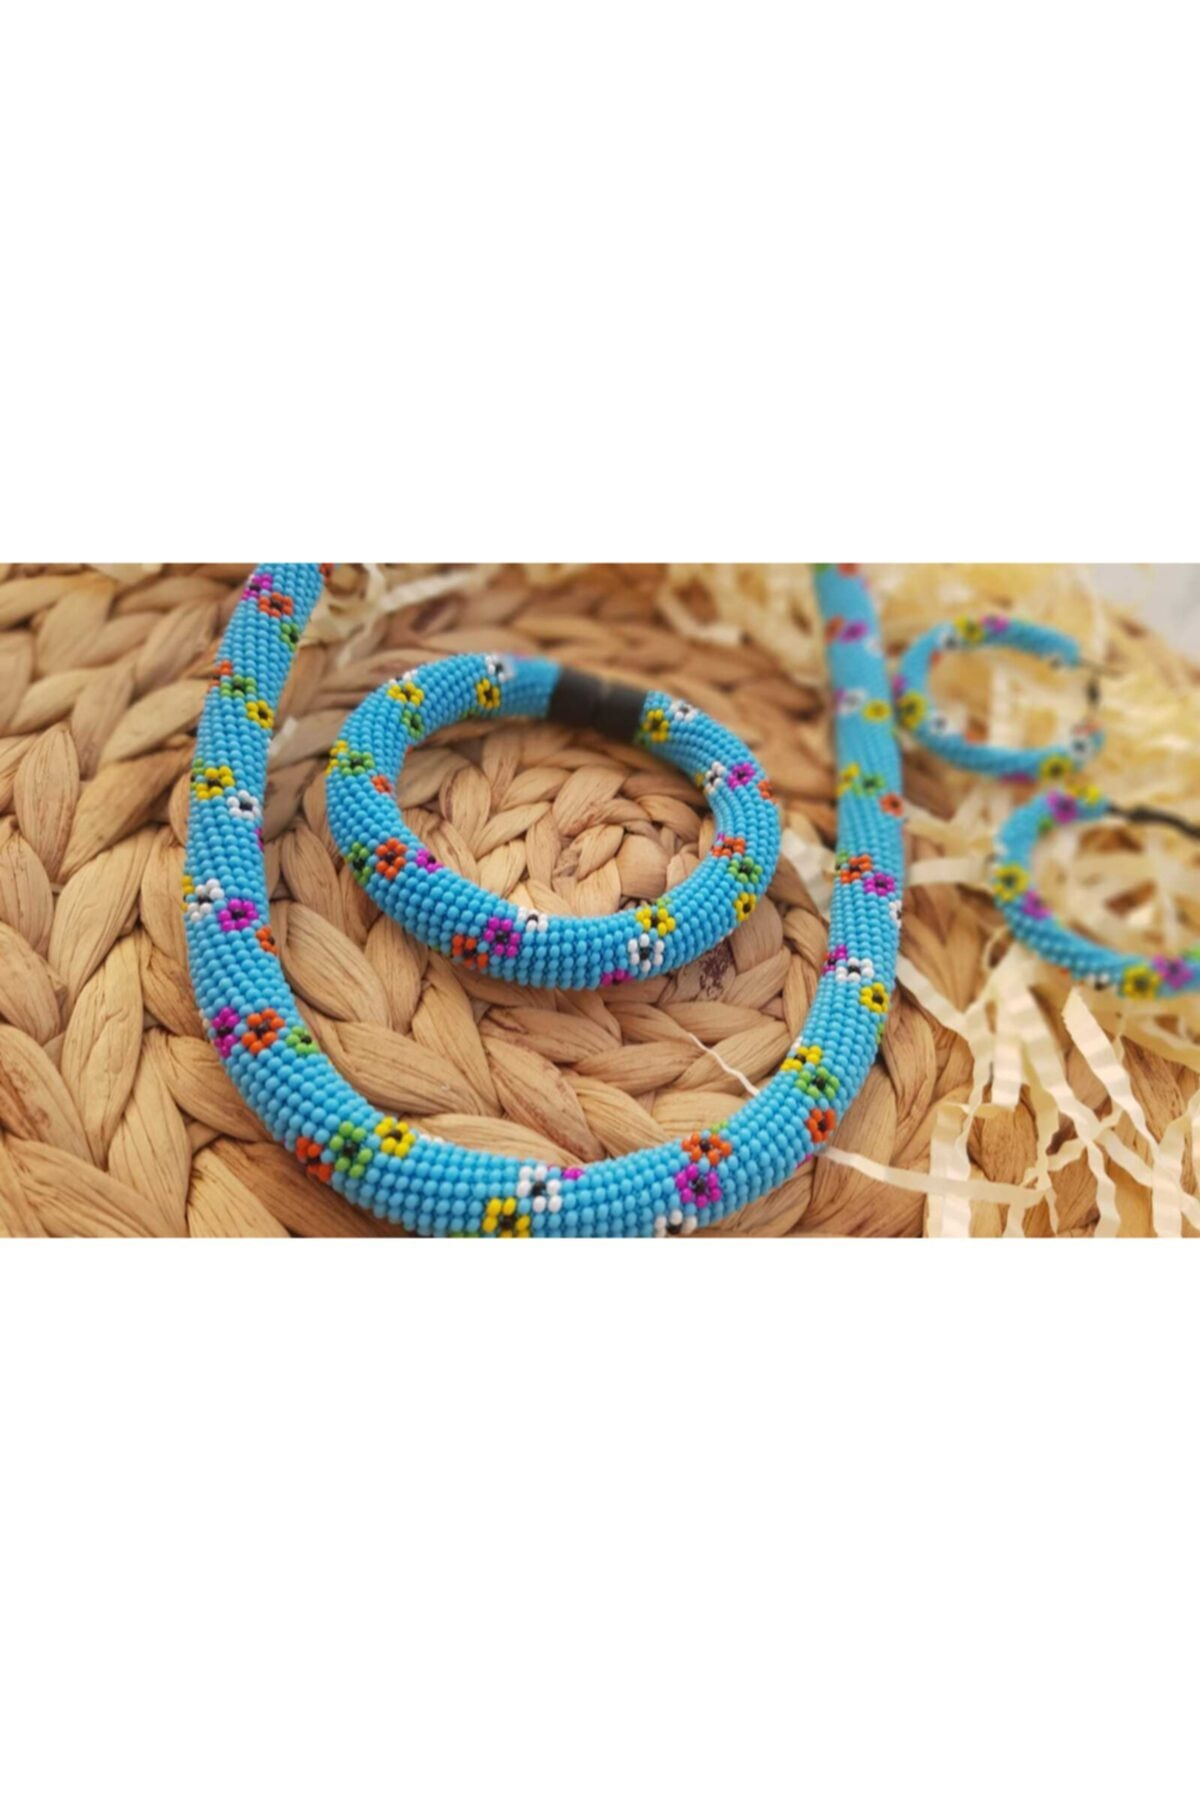 مجوهرات الأزياء النسائية اليدوية الديك نموذج سميكة مع ديزي نمط الرمال الخرز سوار قلادة طقم أقراط